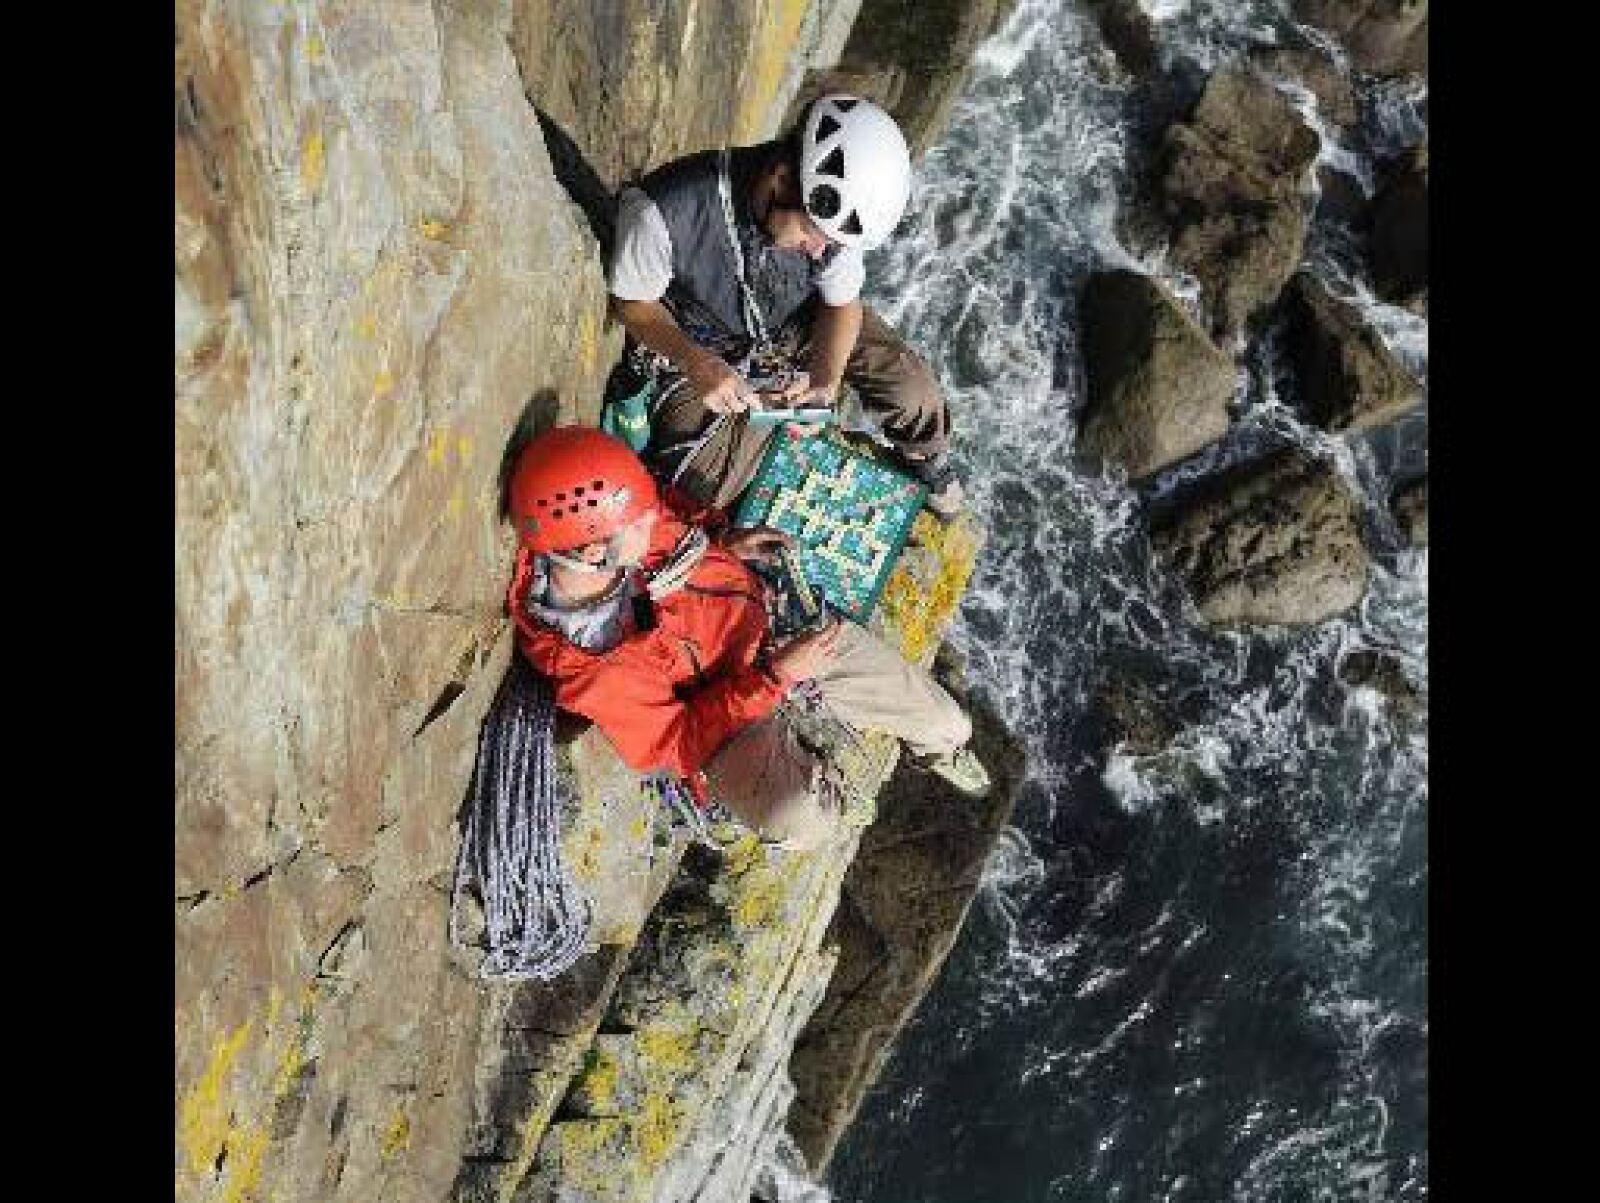 Los escaladores Jon Ratcliffe y Steve Franklin, estuvieron literalmente al límite cuando jugaron una partida de Scrabble sobre un precipicio sobre el mar en Anglesey, Gales. Estuvieron a más de 60 metros sobre el océano.